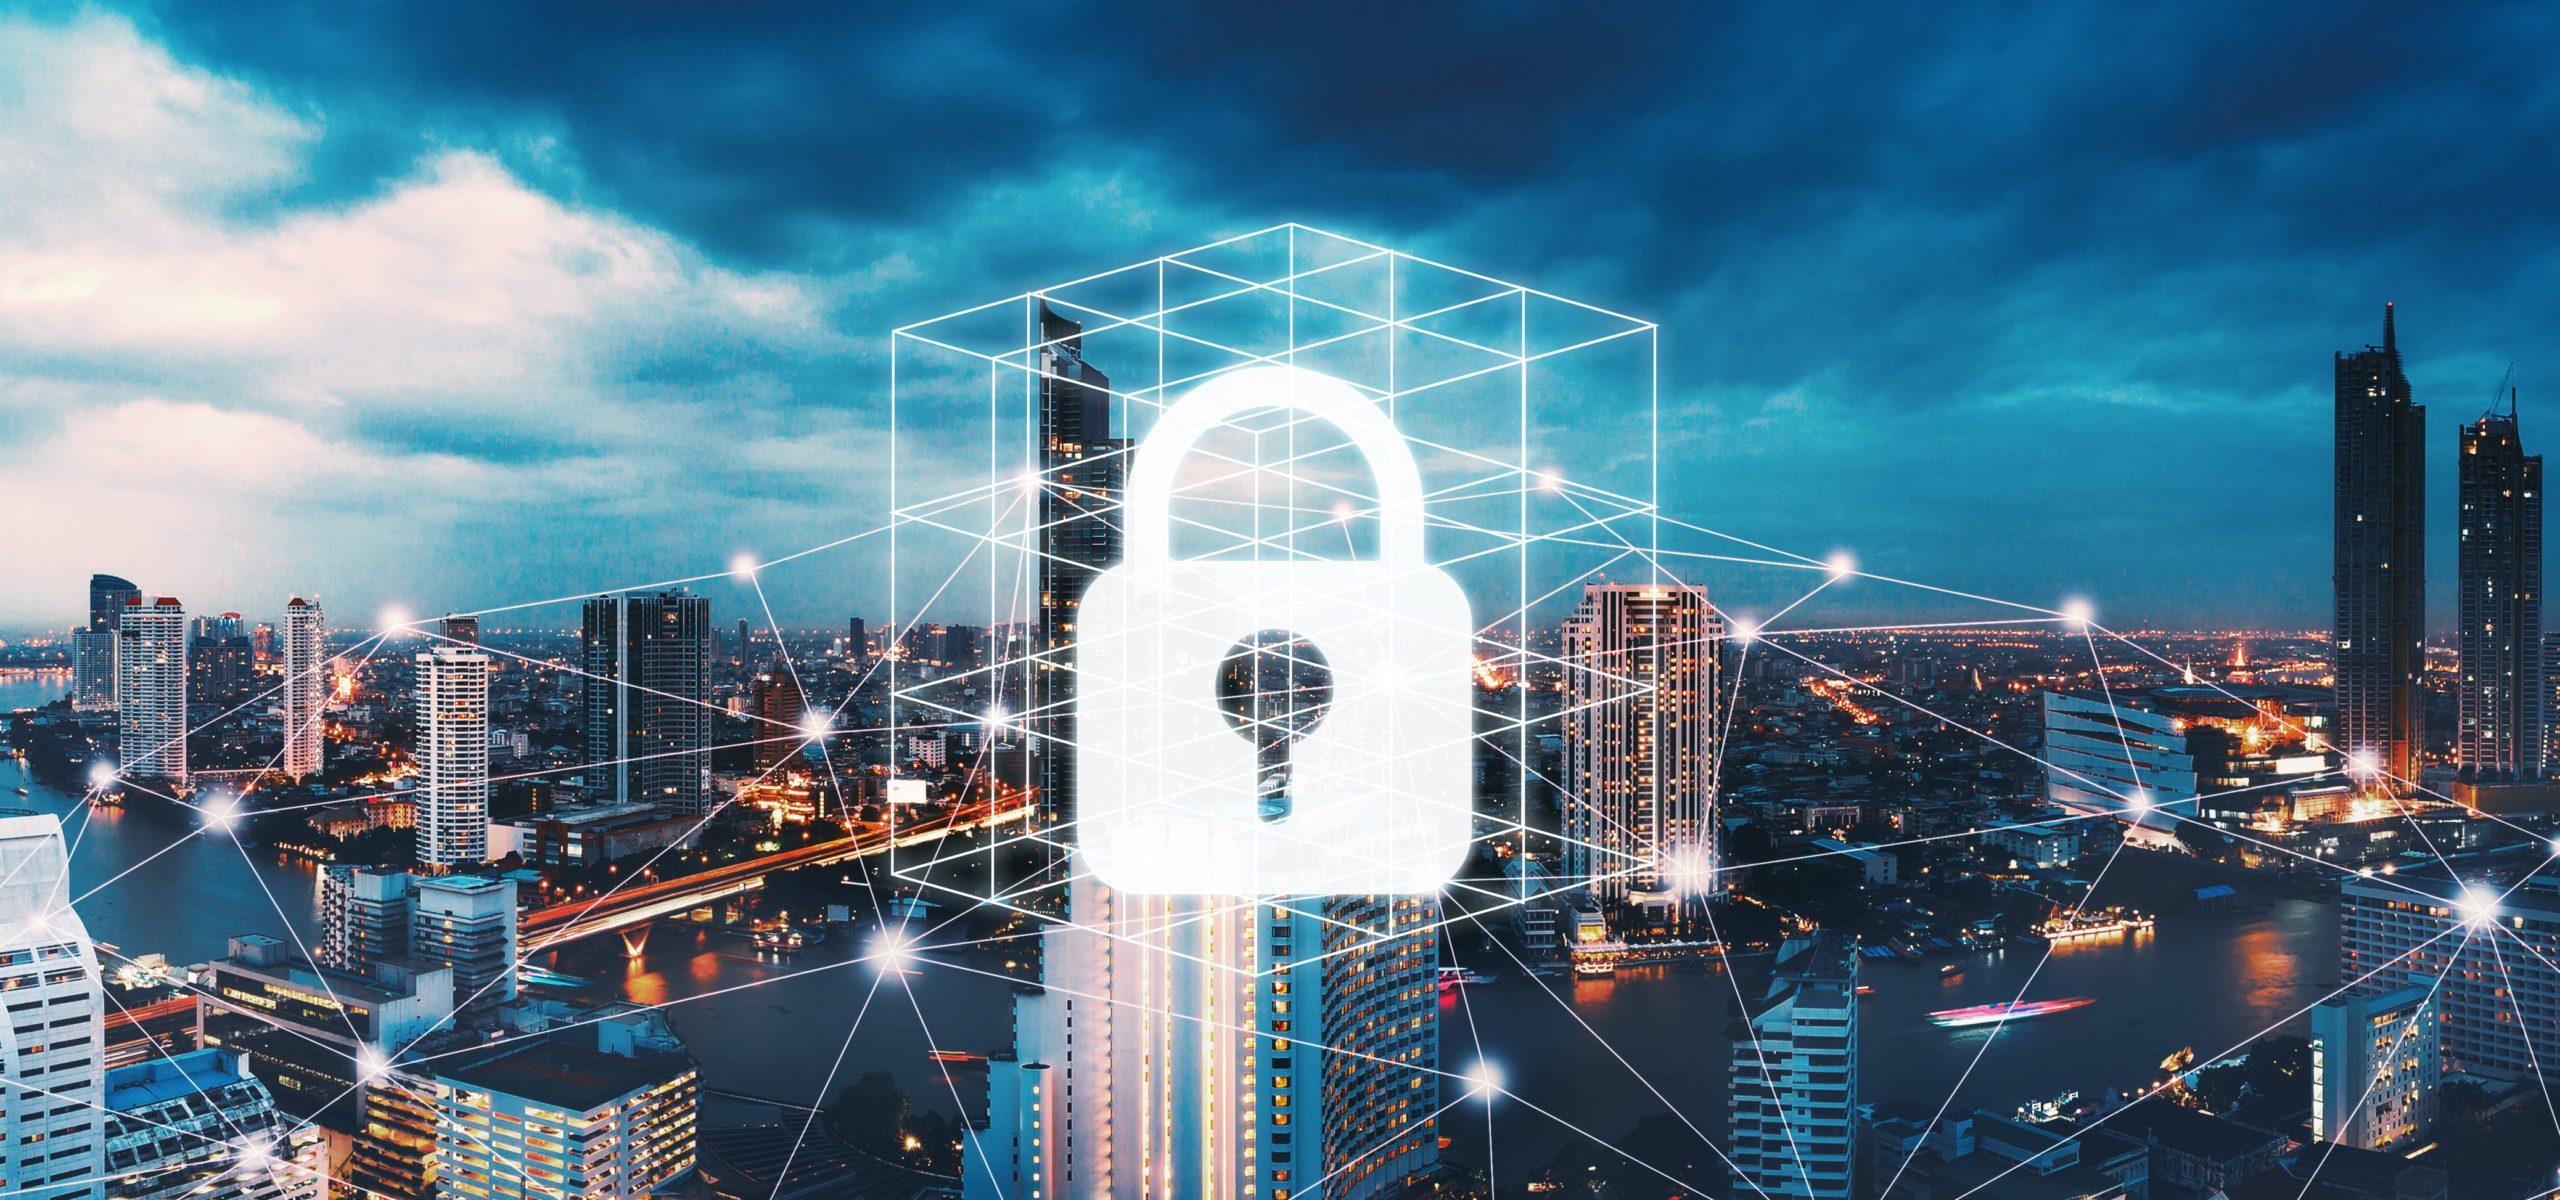 IT Sicherheitsgesetze IT Sicherheitsstandards ISO27001 TISAX DSGVO BDSG eIDAS-VO